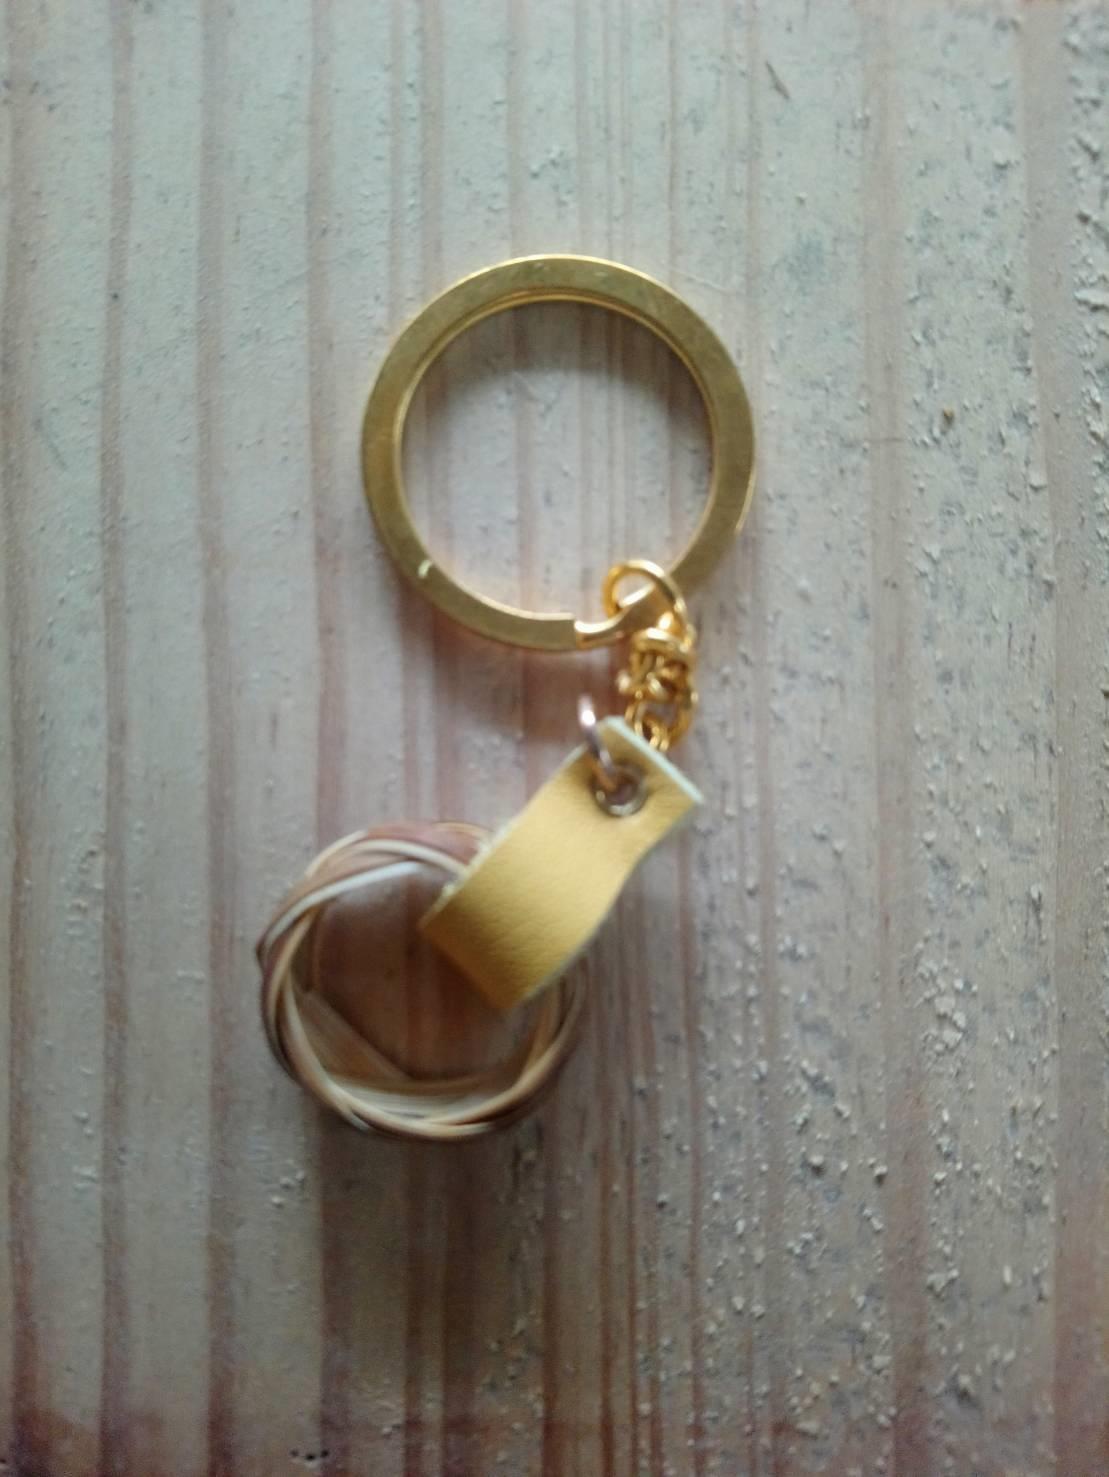 06-0715-鑰匙圈.jpg